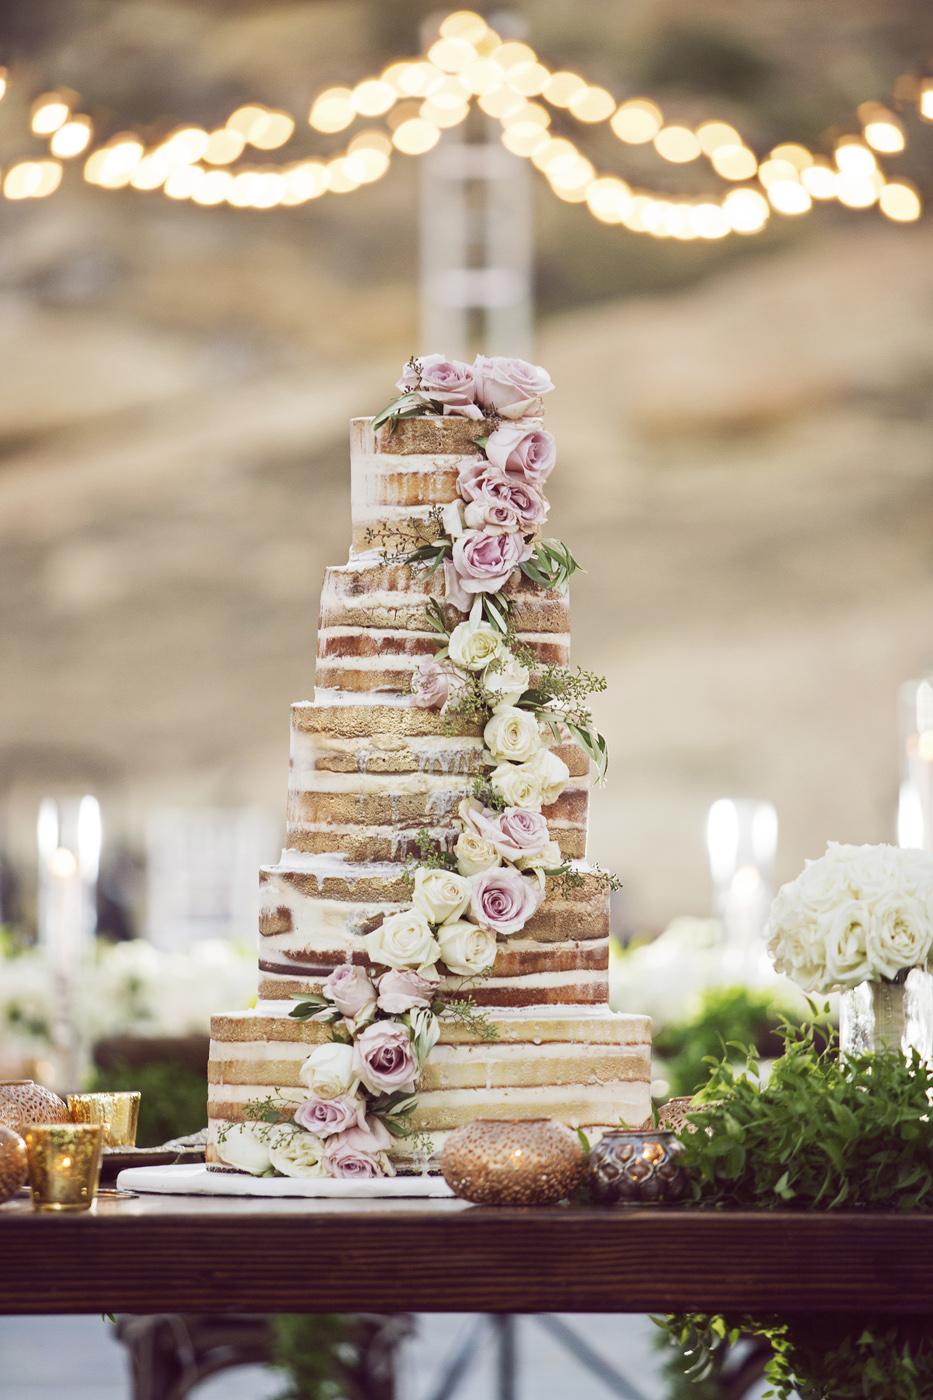 006_DukePhotography_DukeImages_Wedding_Details.jpg